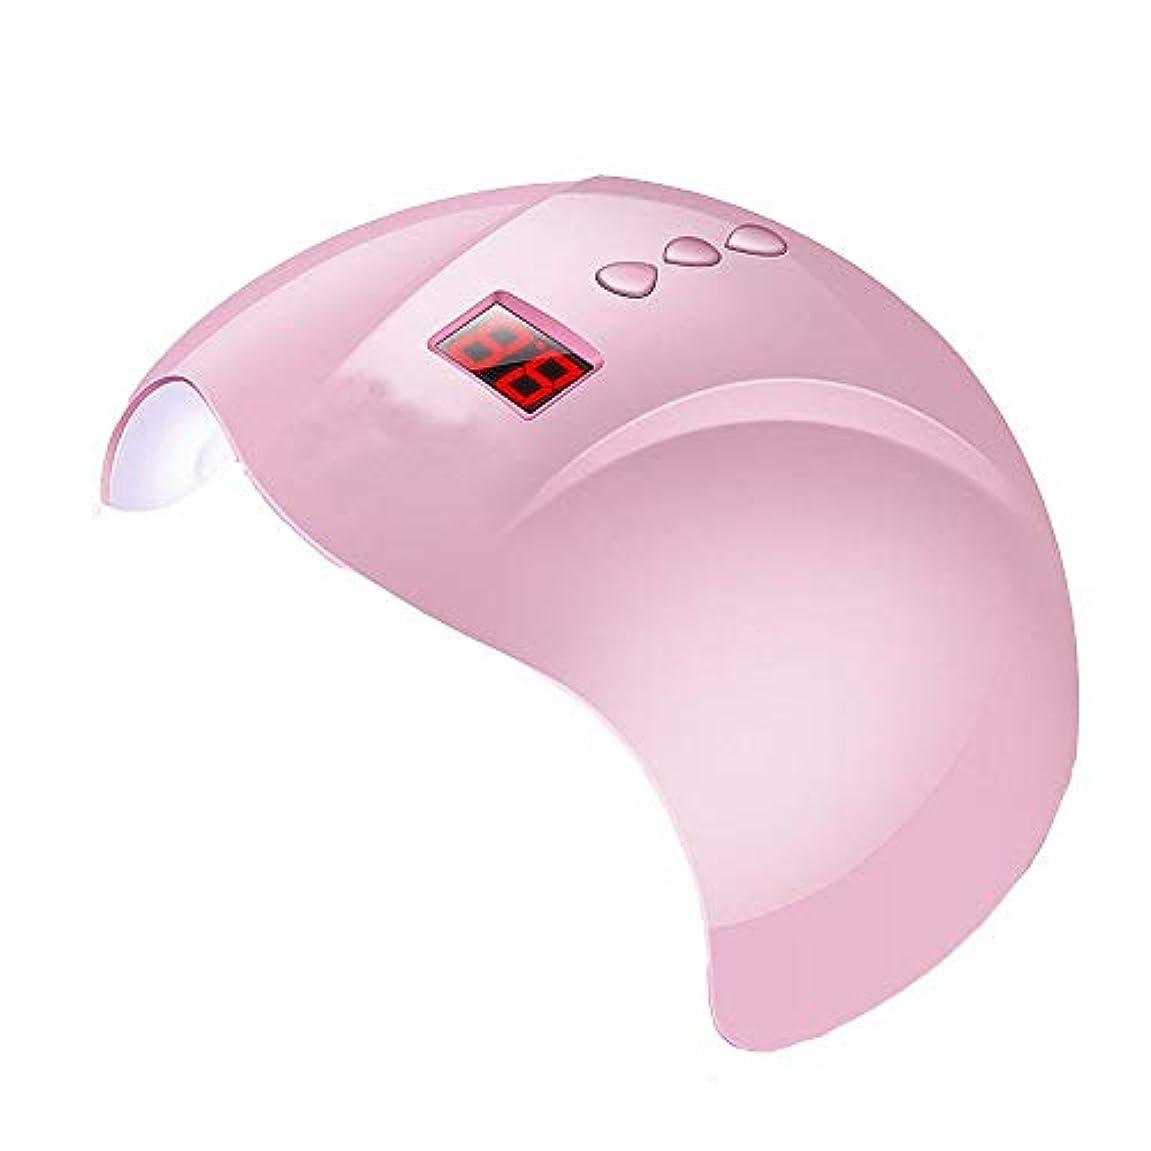 ドリル非常に教えてYESONEEP 36Wスマートベルト誘導ネイルオイル接着剤ドライヤーLED + UVネイル光線療法ランプネイルマシンクイックドライ (Size : 36W)